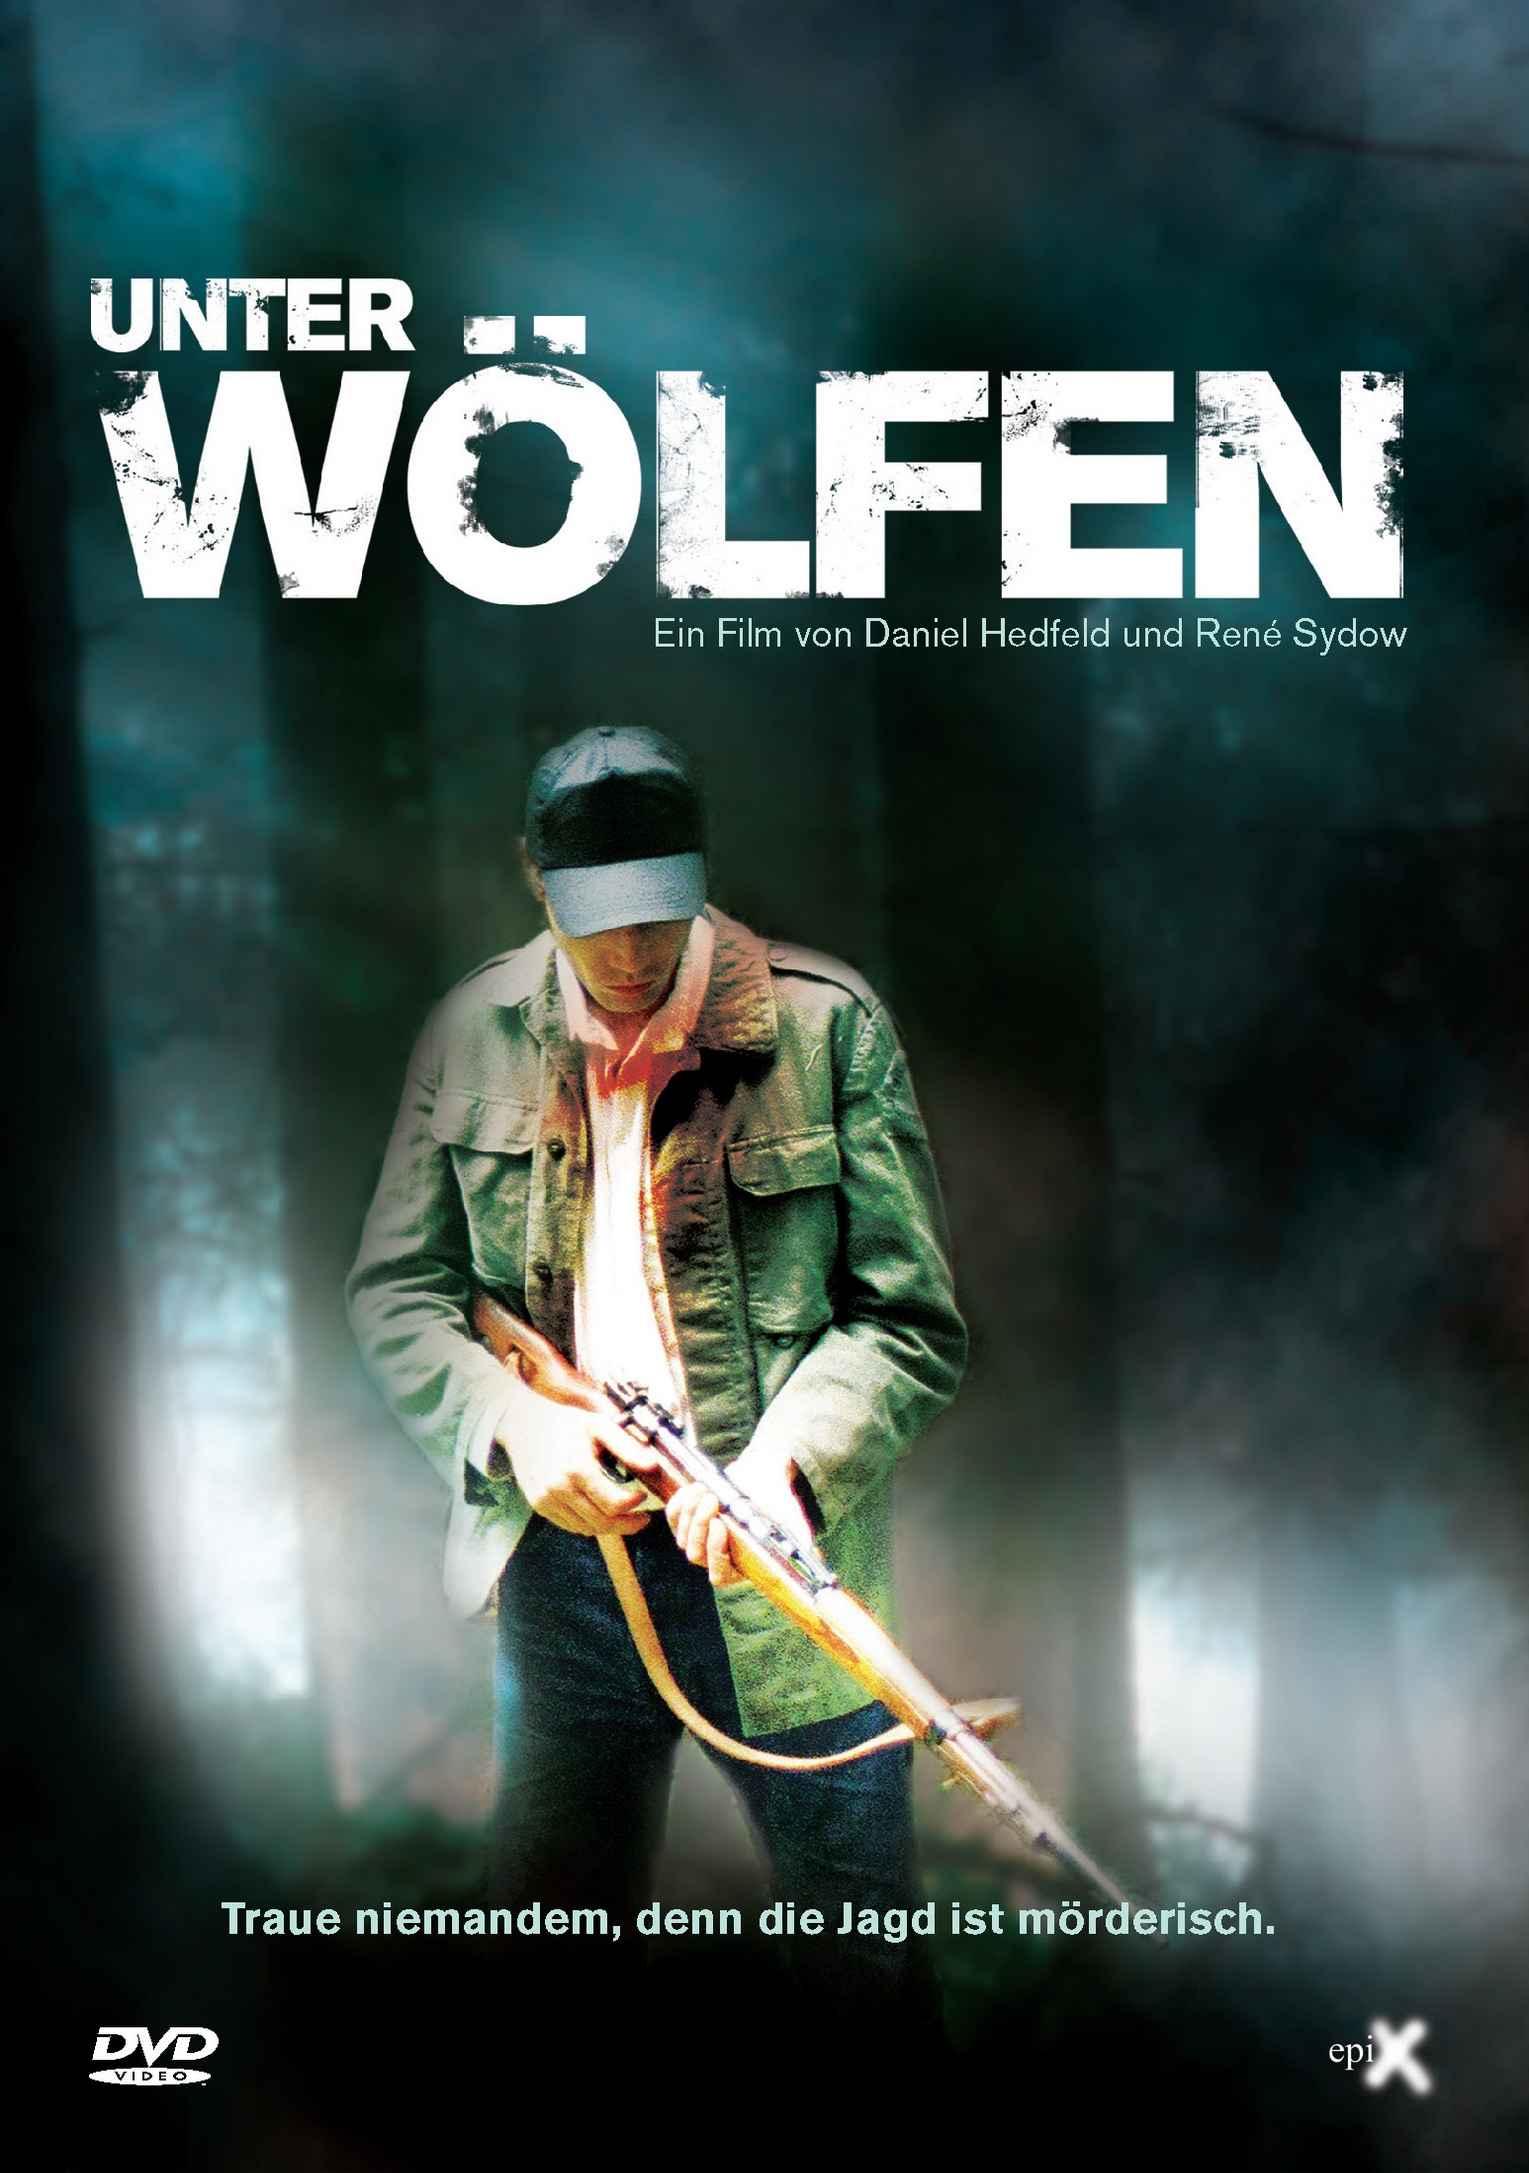 UNTER WÖLFEN - Front final